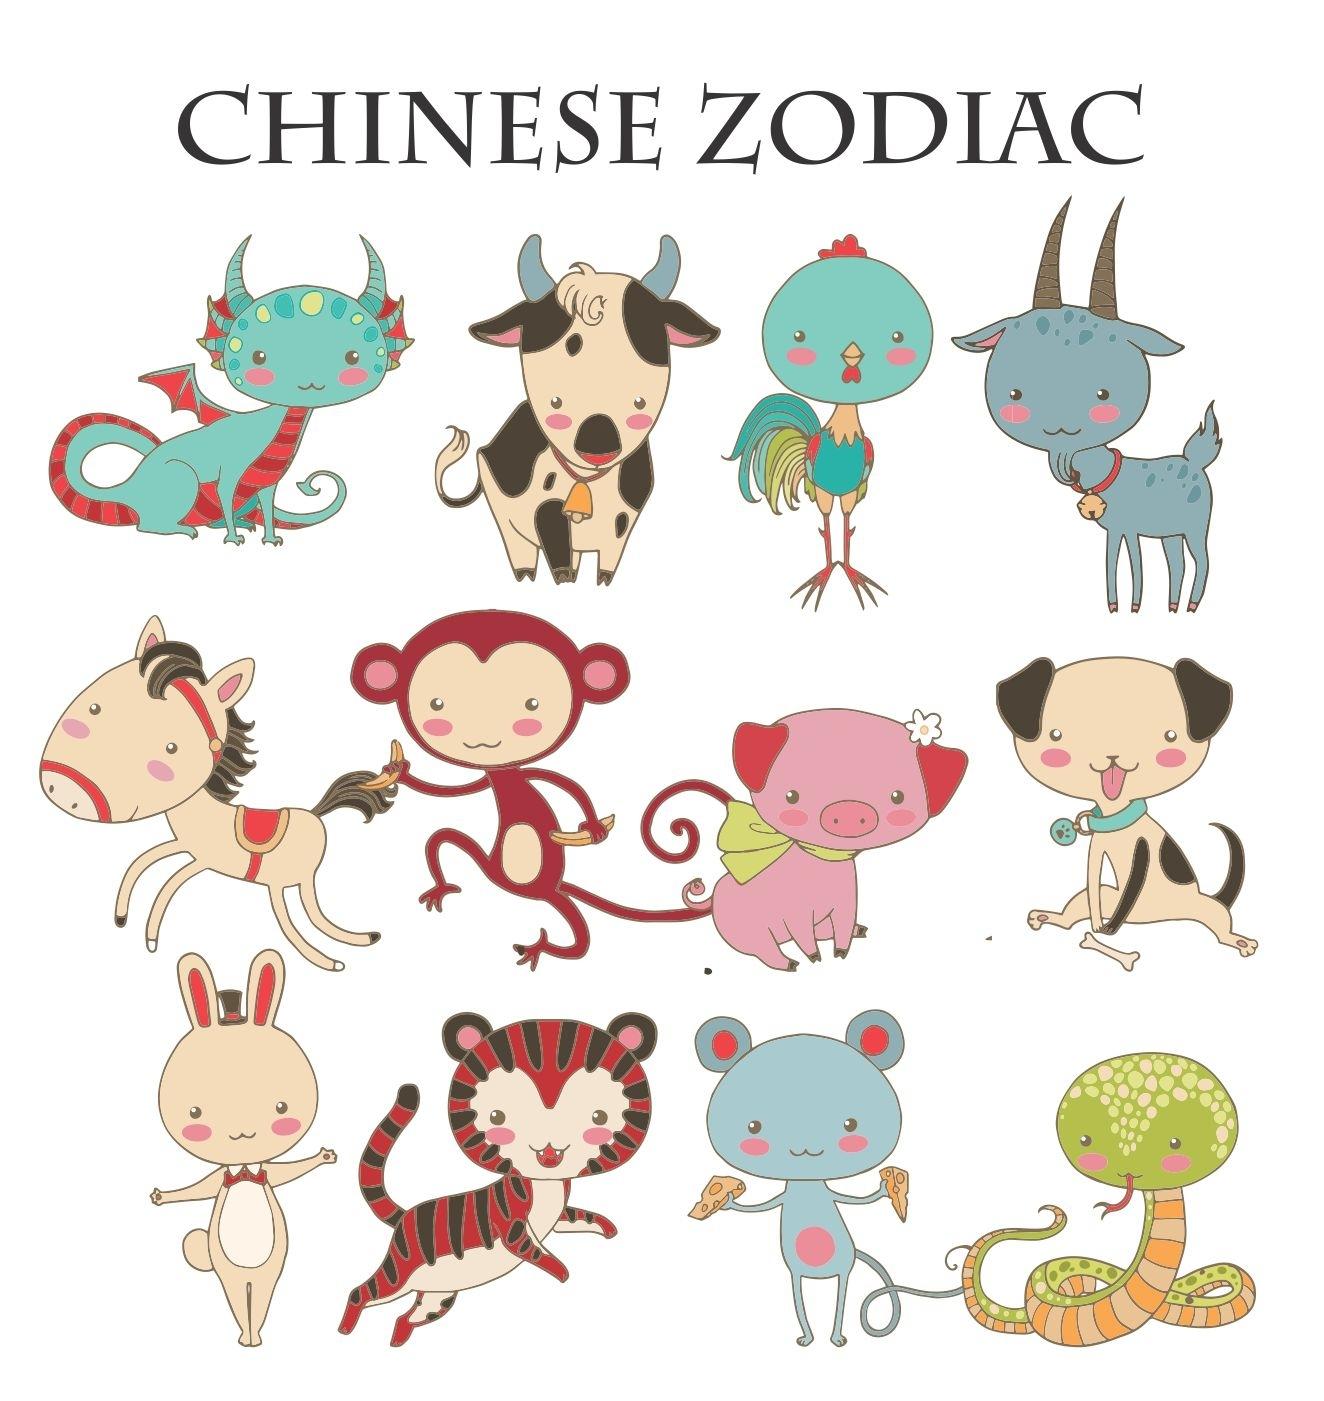 Chinese Zodiac Placemat (Laminated) (Personalized)